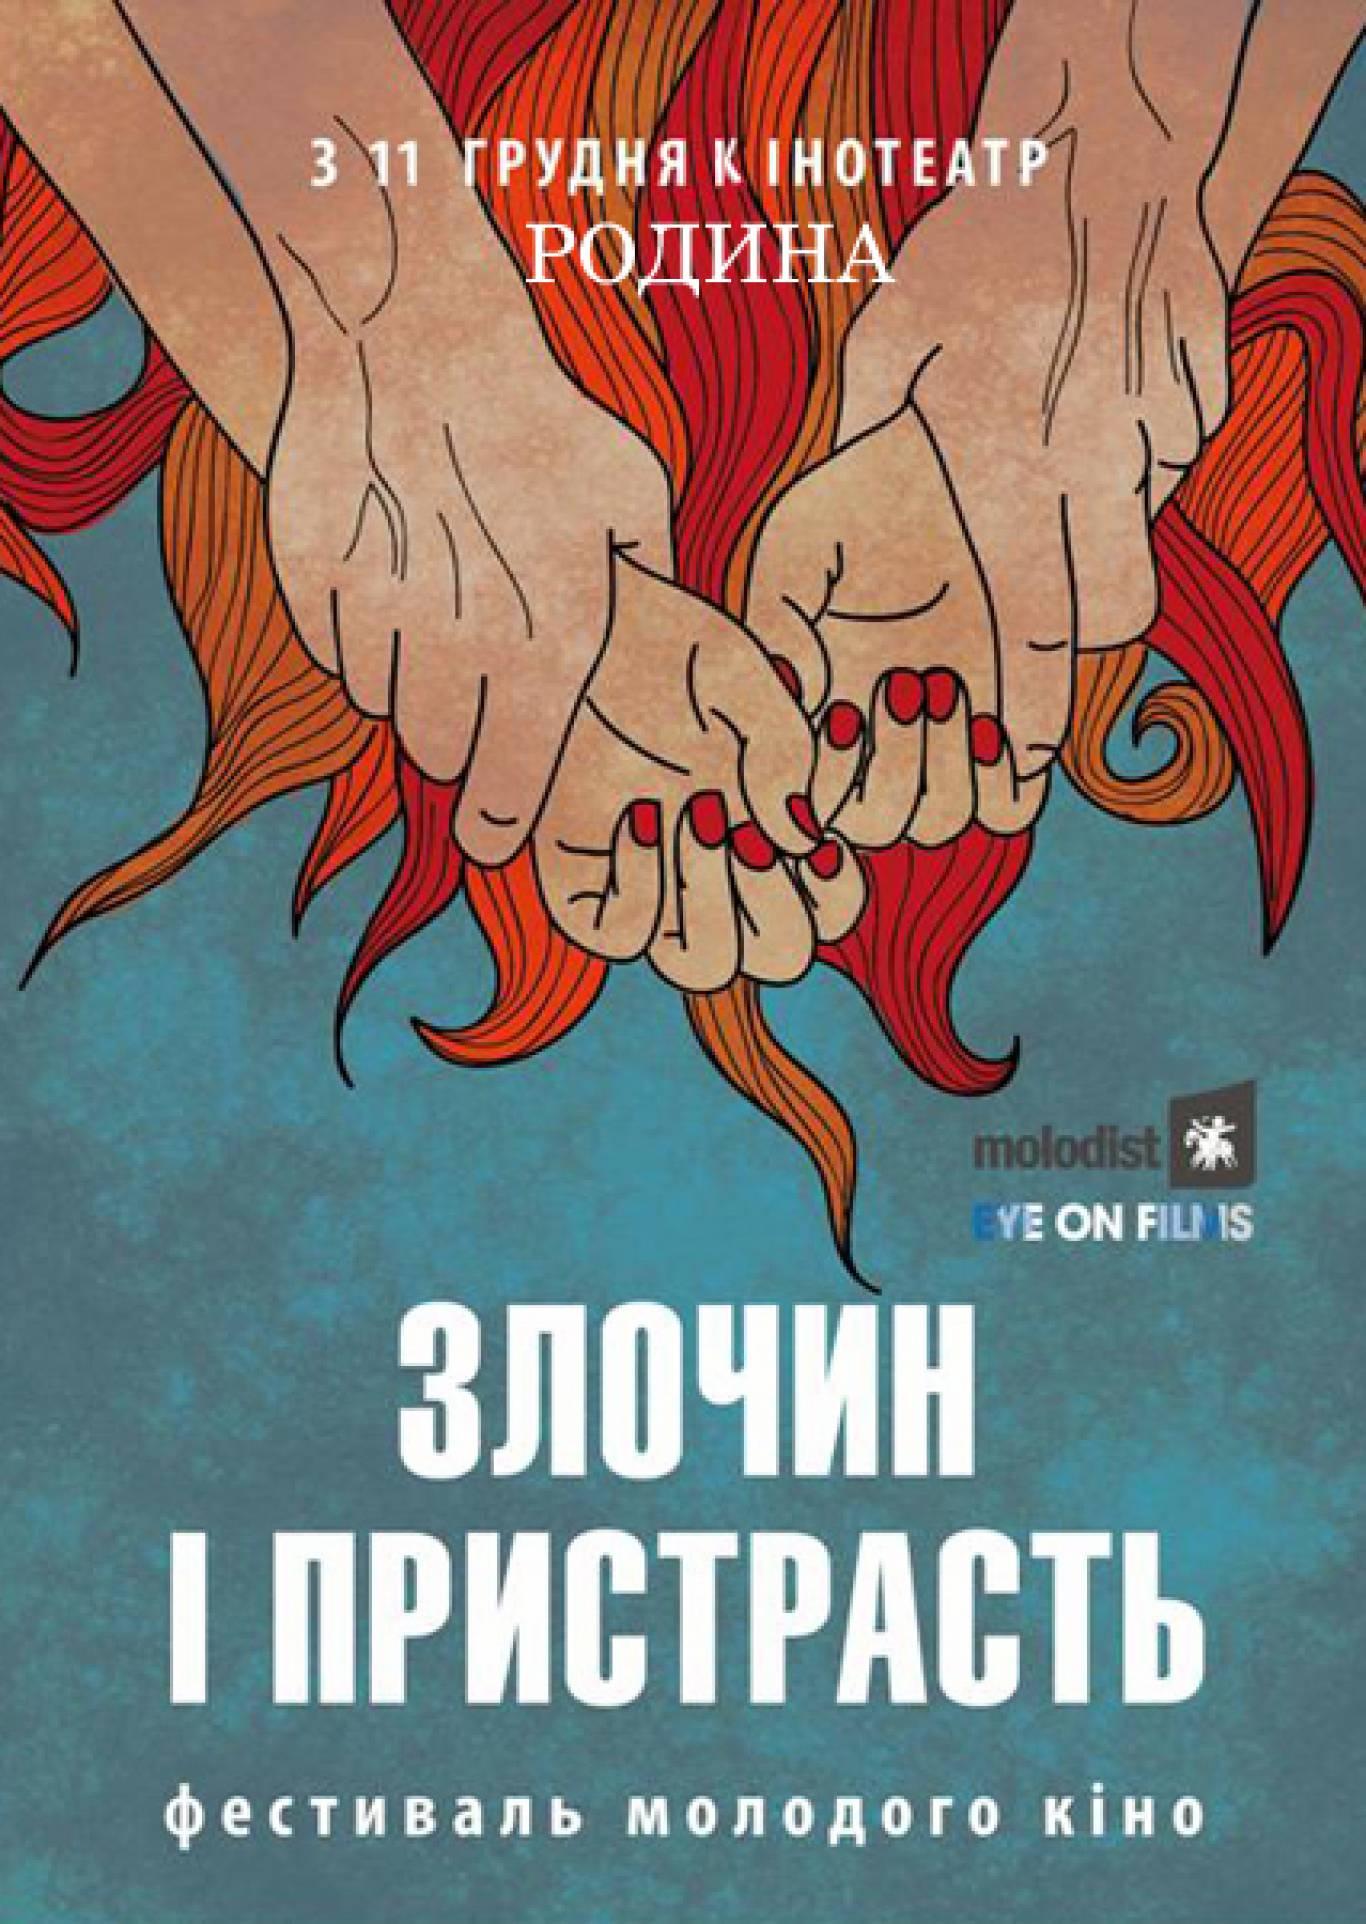 """Фестиваль молодого кіно: """"Злочин і пристрасть"""""""